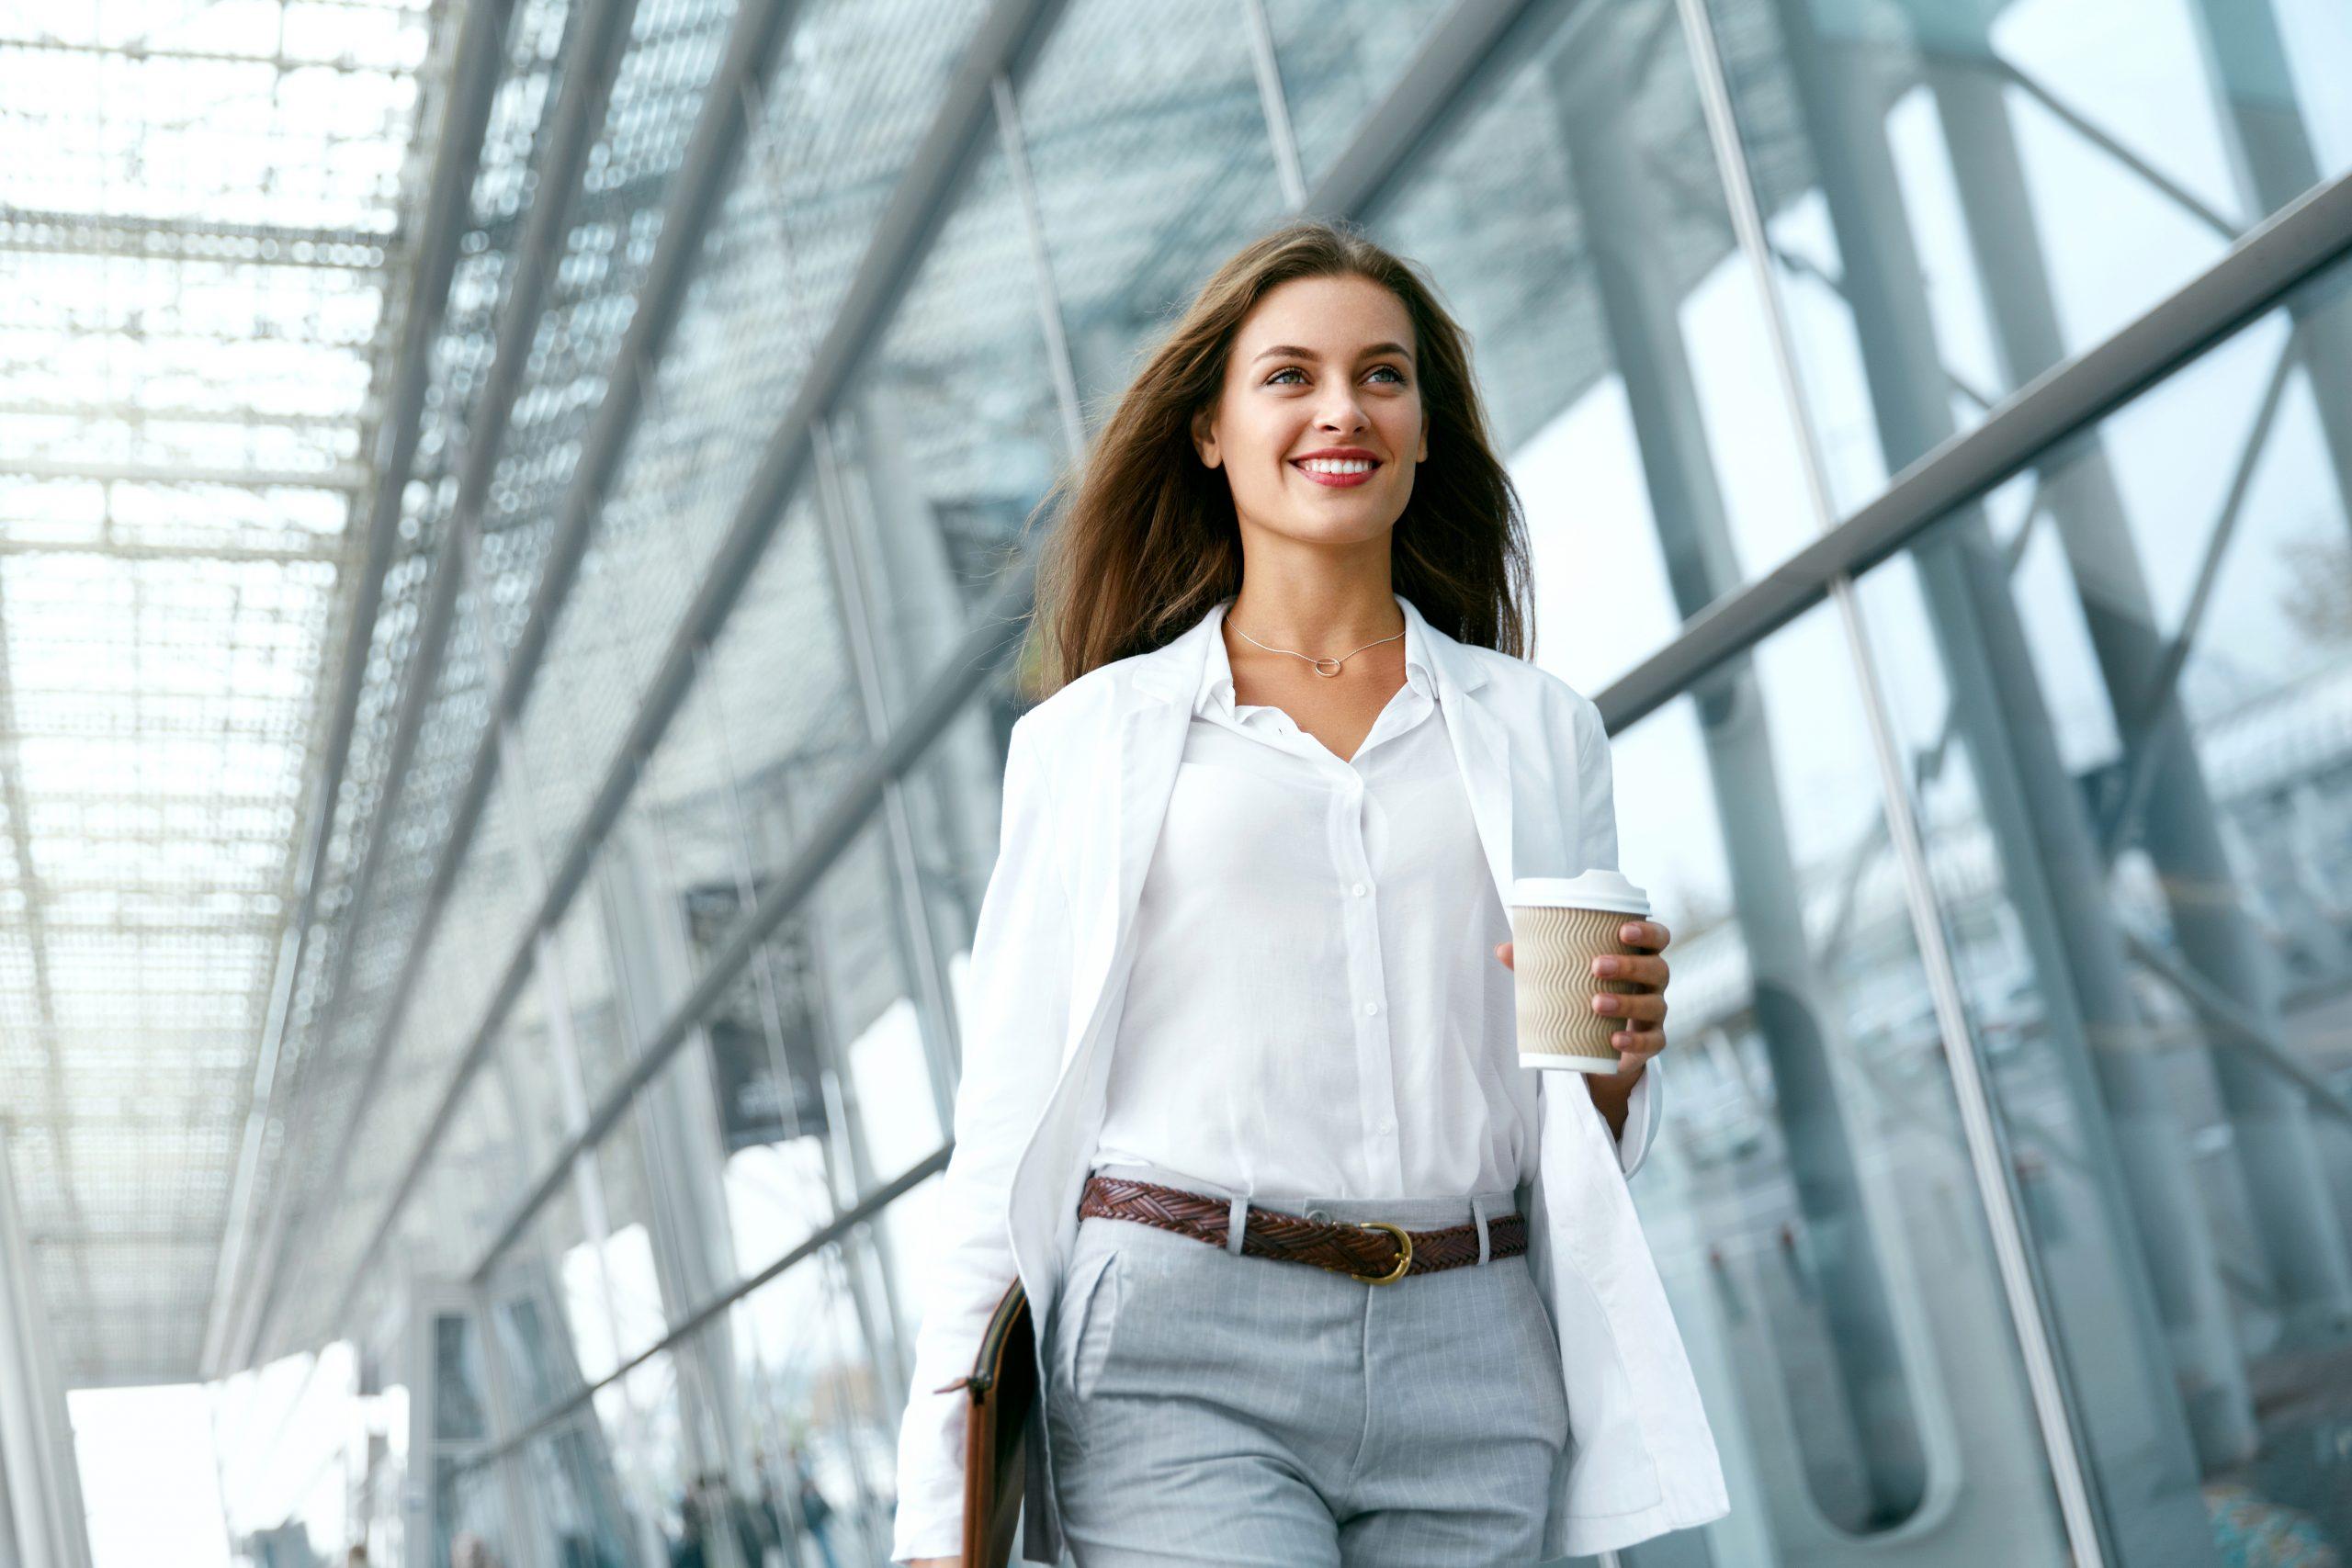 Выход на работу после декрета: как все успеть и не сойти с ума